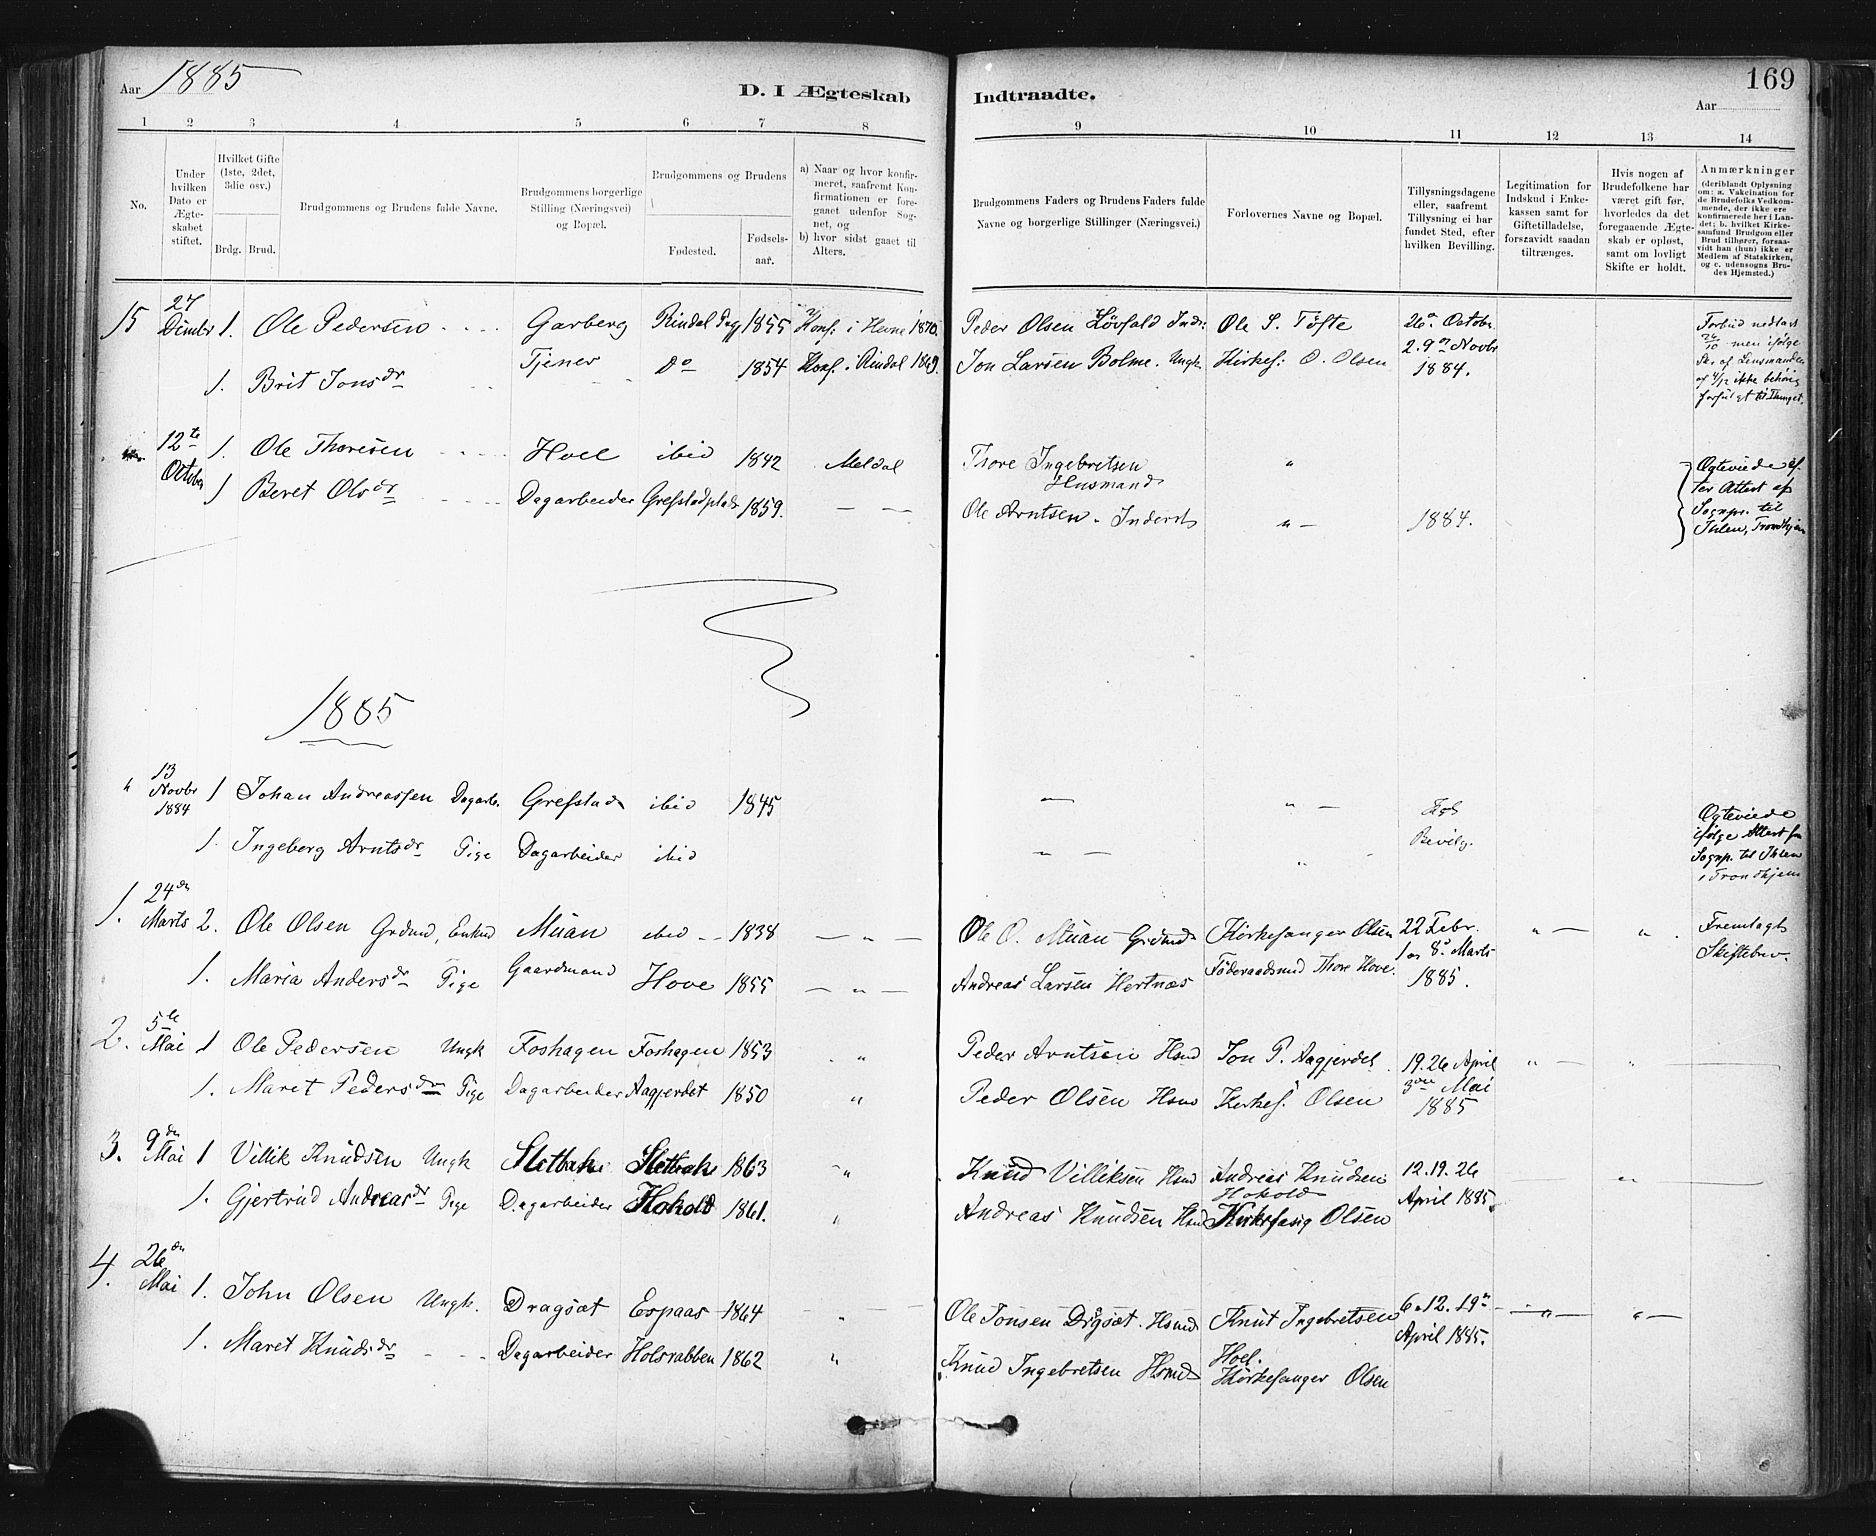 SAT, Ministerialprotokoller, klokkerbøker og fødselsregistre - Sør-Trøndelag, 672/L0857: Ministerialbok nr. 672A09, 1882-1893, s. 169